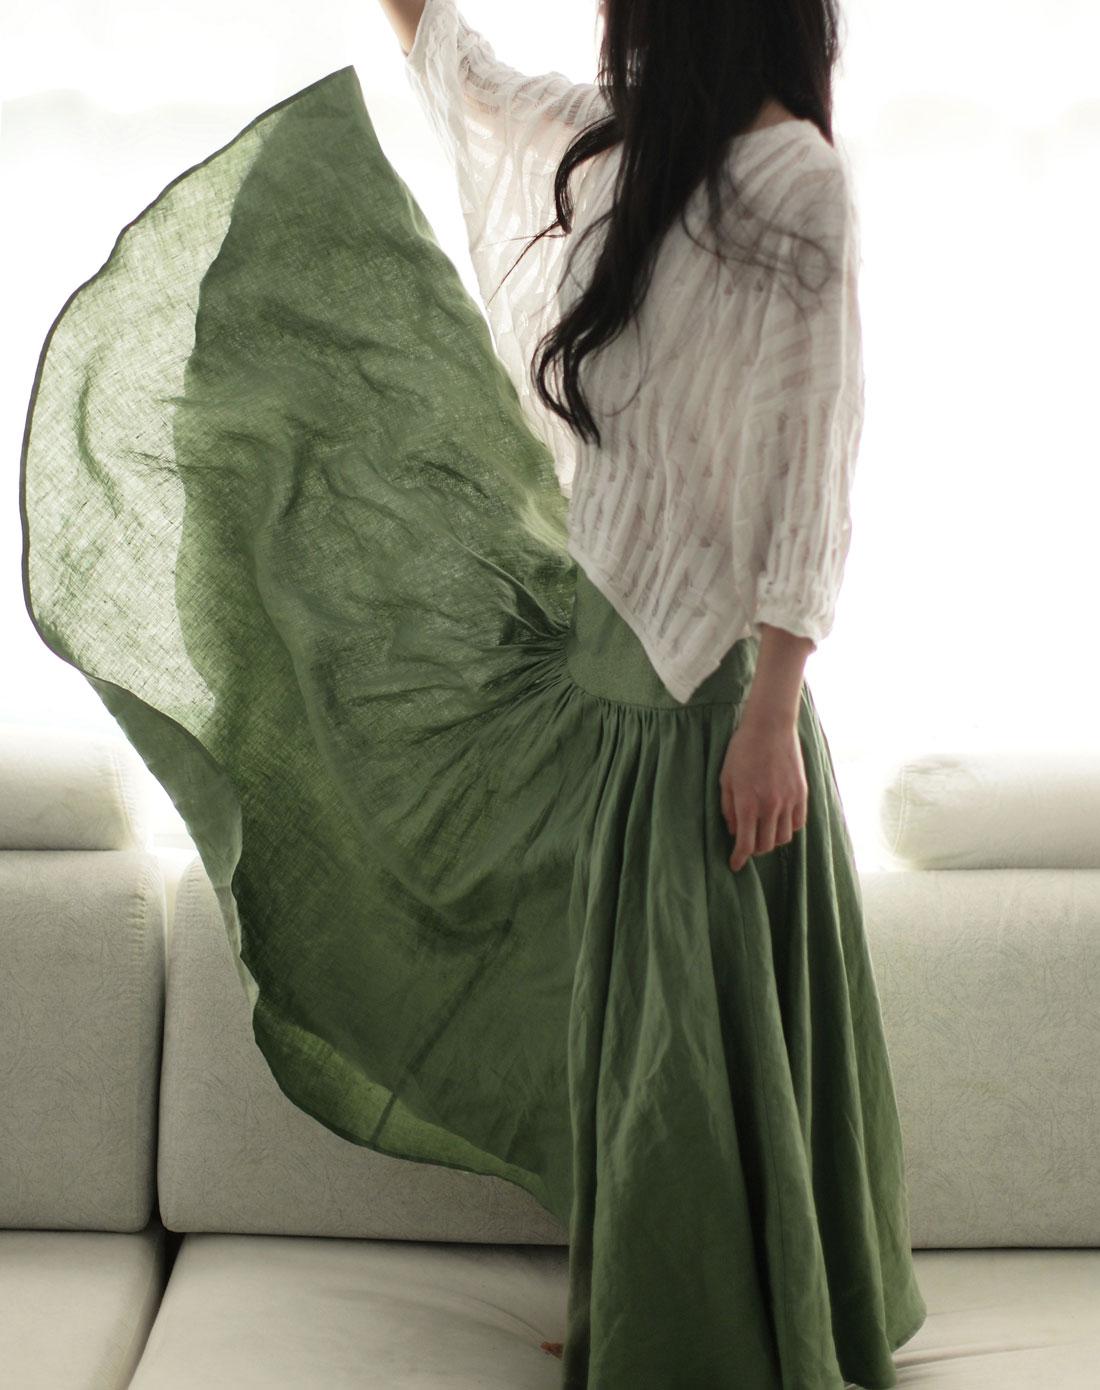 素缕souline军绿《重逢的喜悦》麻刺绣百搭半身长裙图片